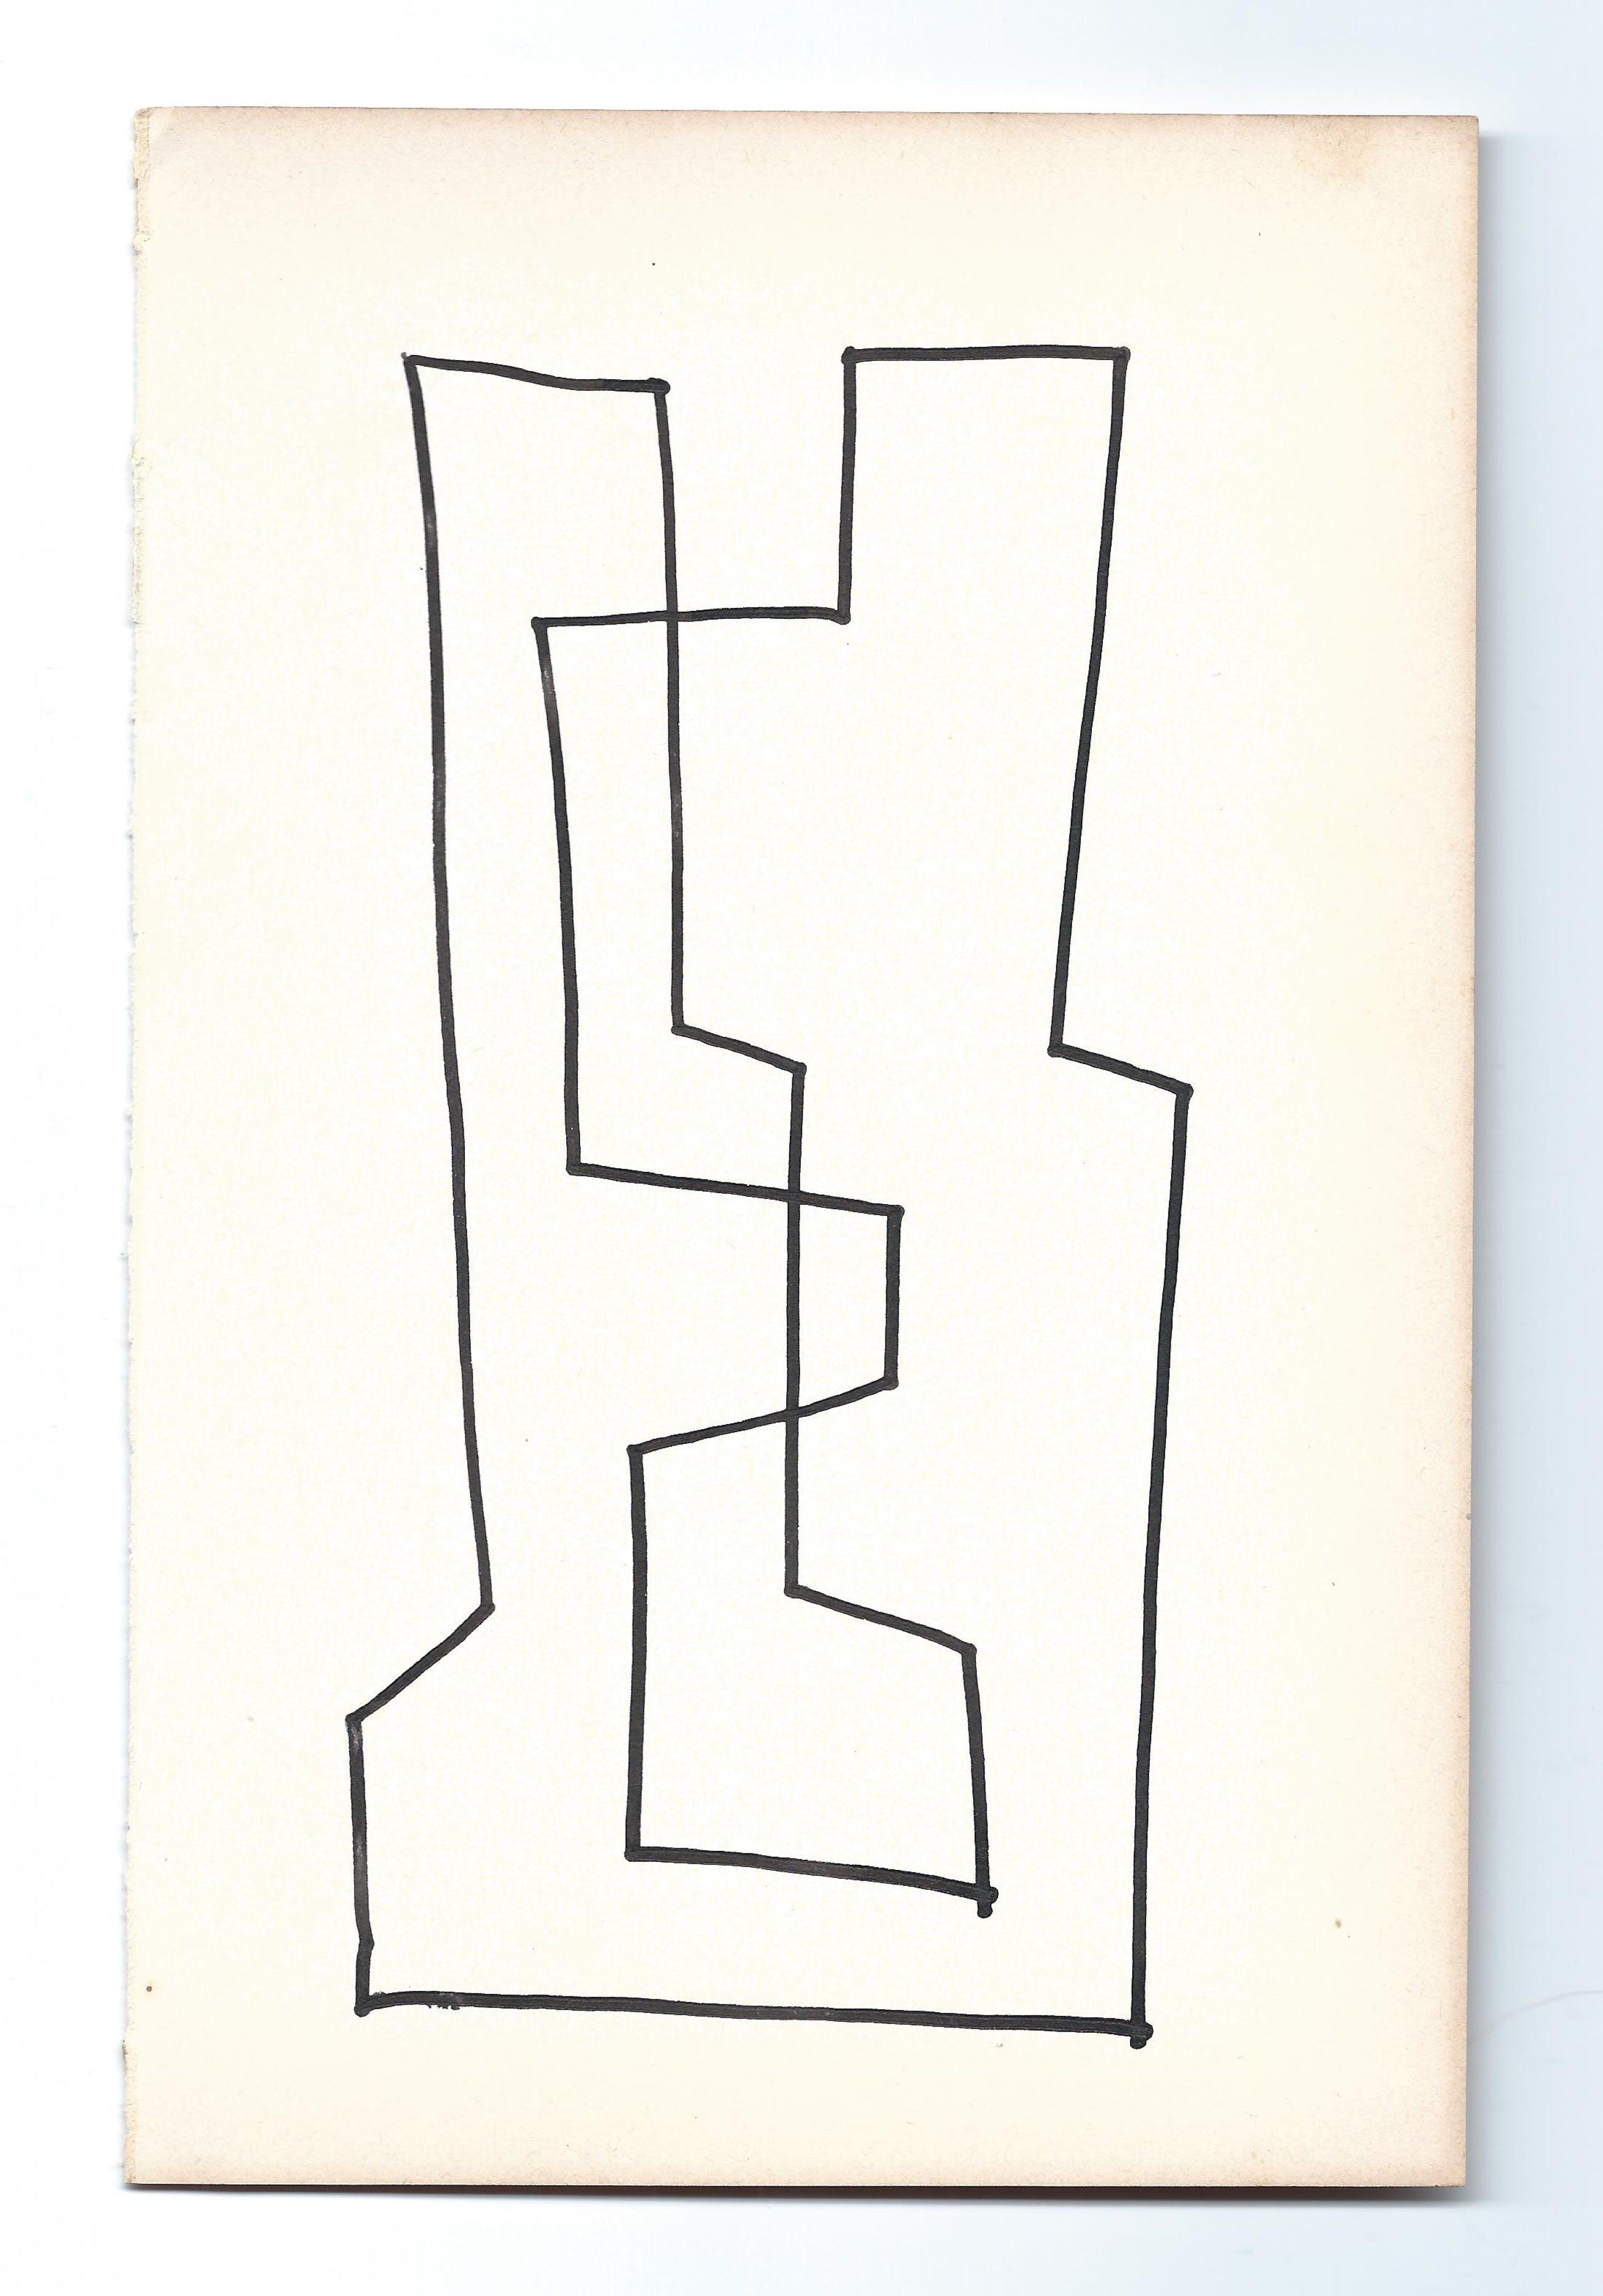 Siep van den Berg - compositie uit gesigneerd schetsboek kopen? Bied vanaf 1!